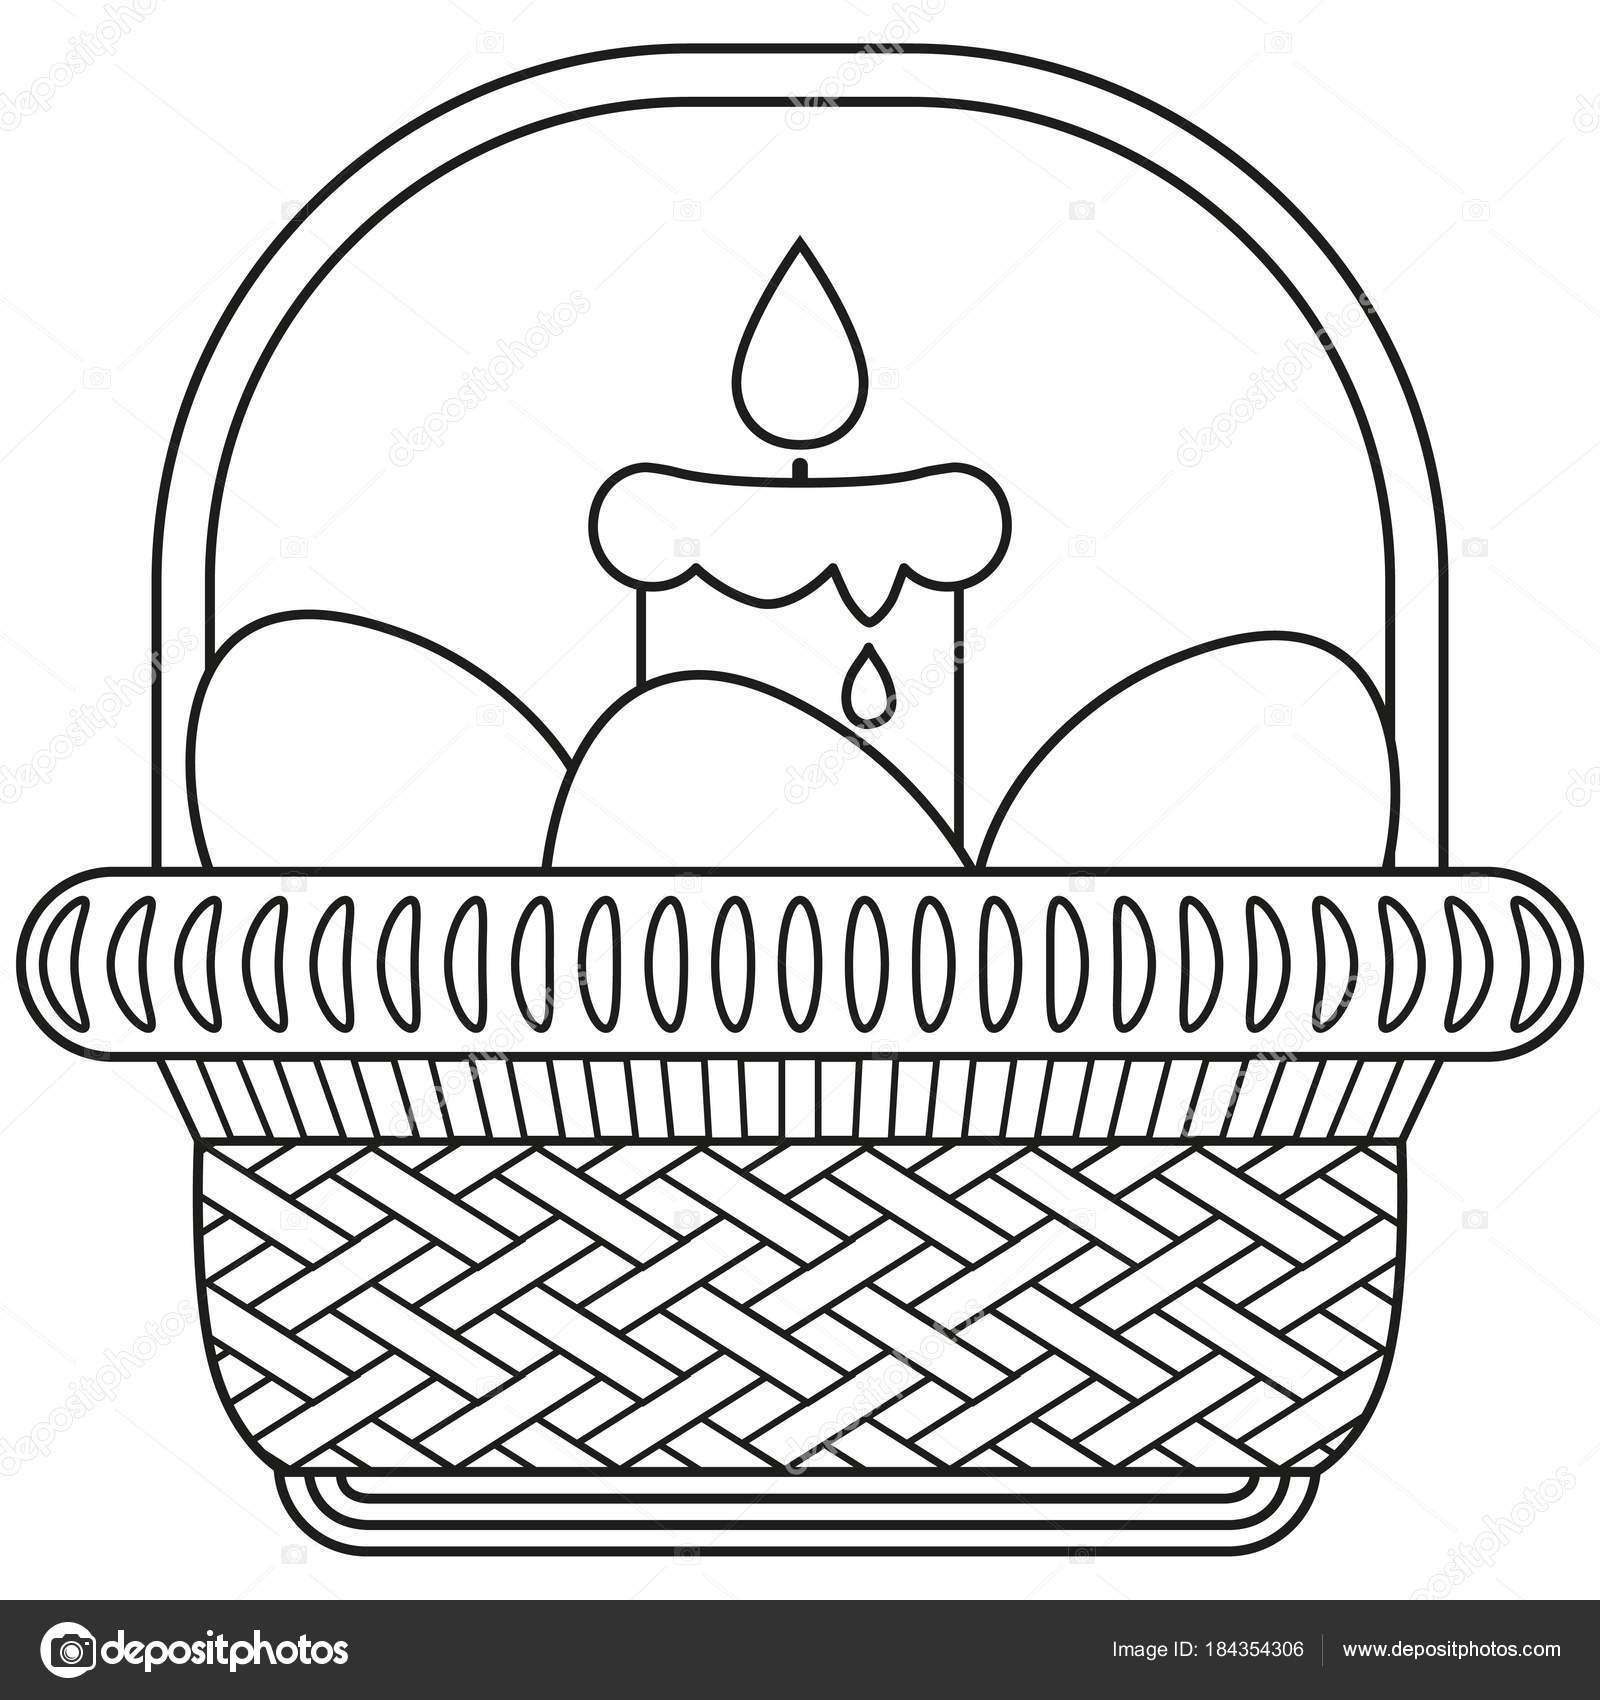 Línea arte blanco y negro huevo de Pascua vela mimbre cesta icono ...